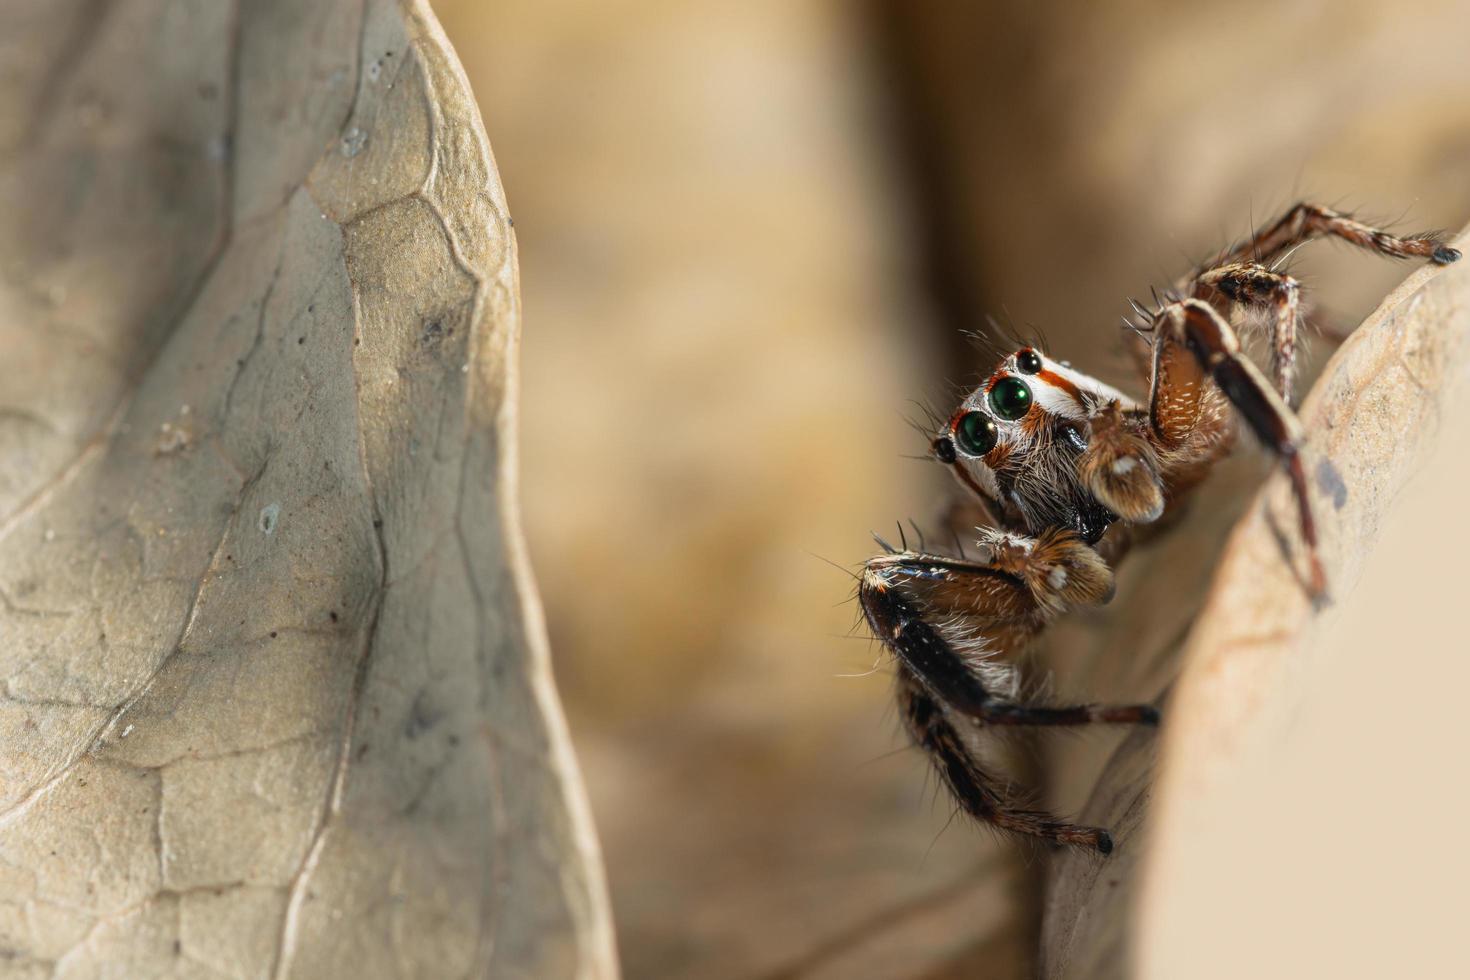 Araignée sauteuse brune sur une feuille sèche photo